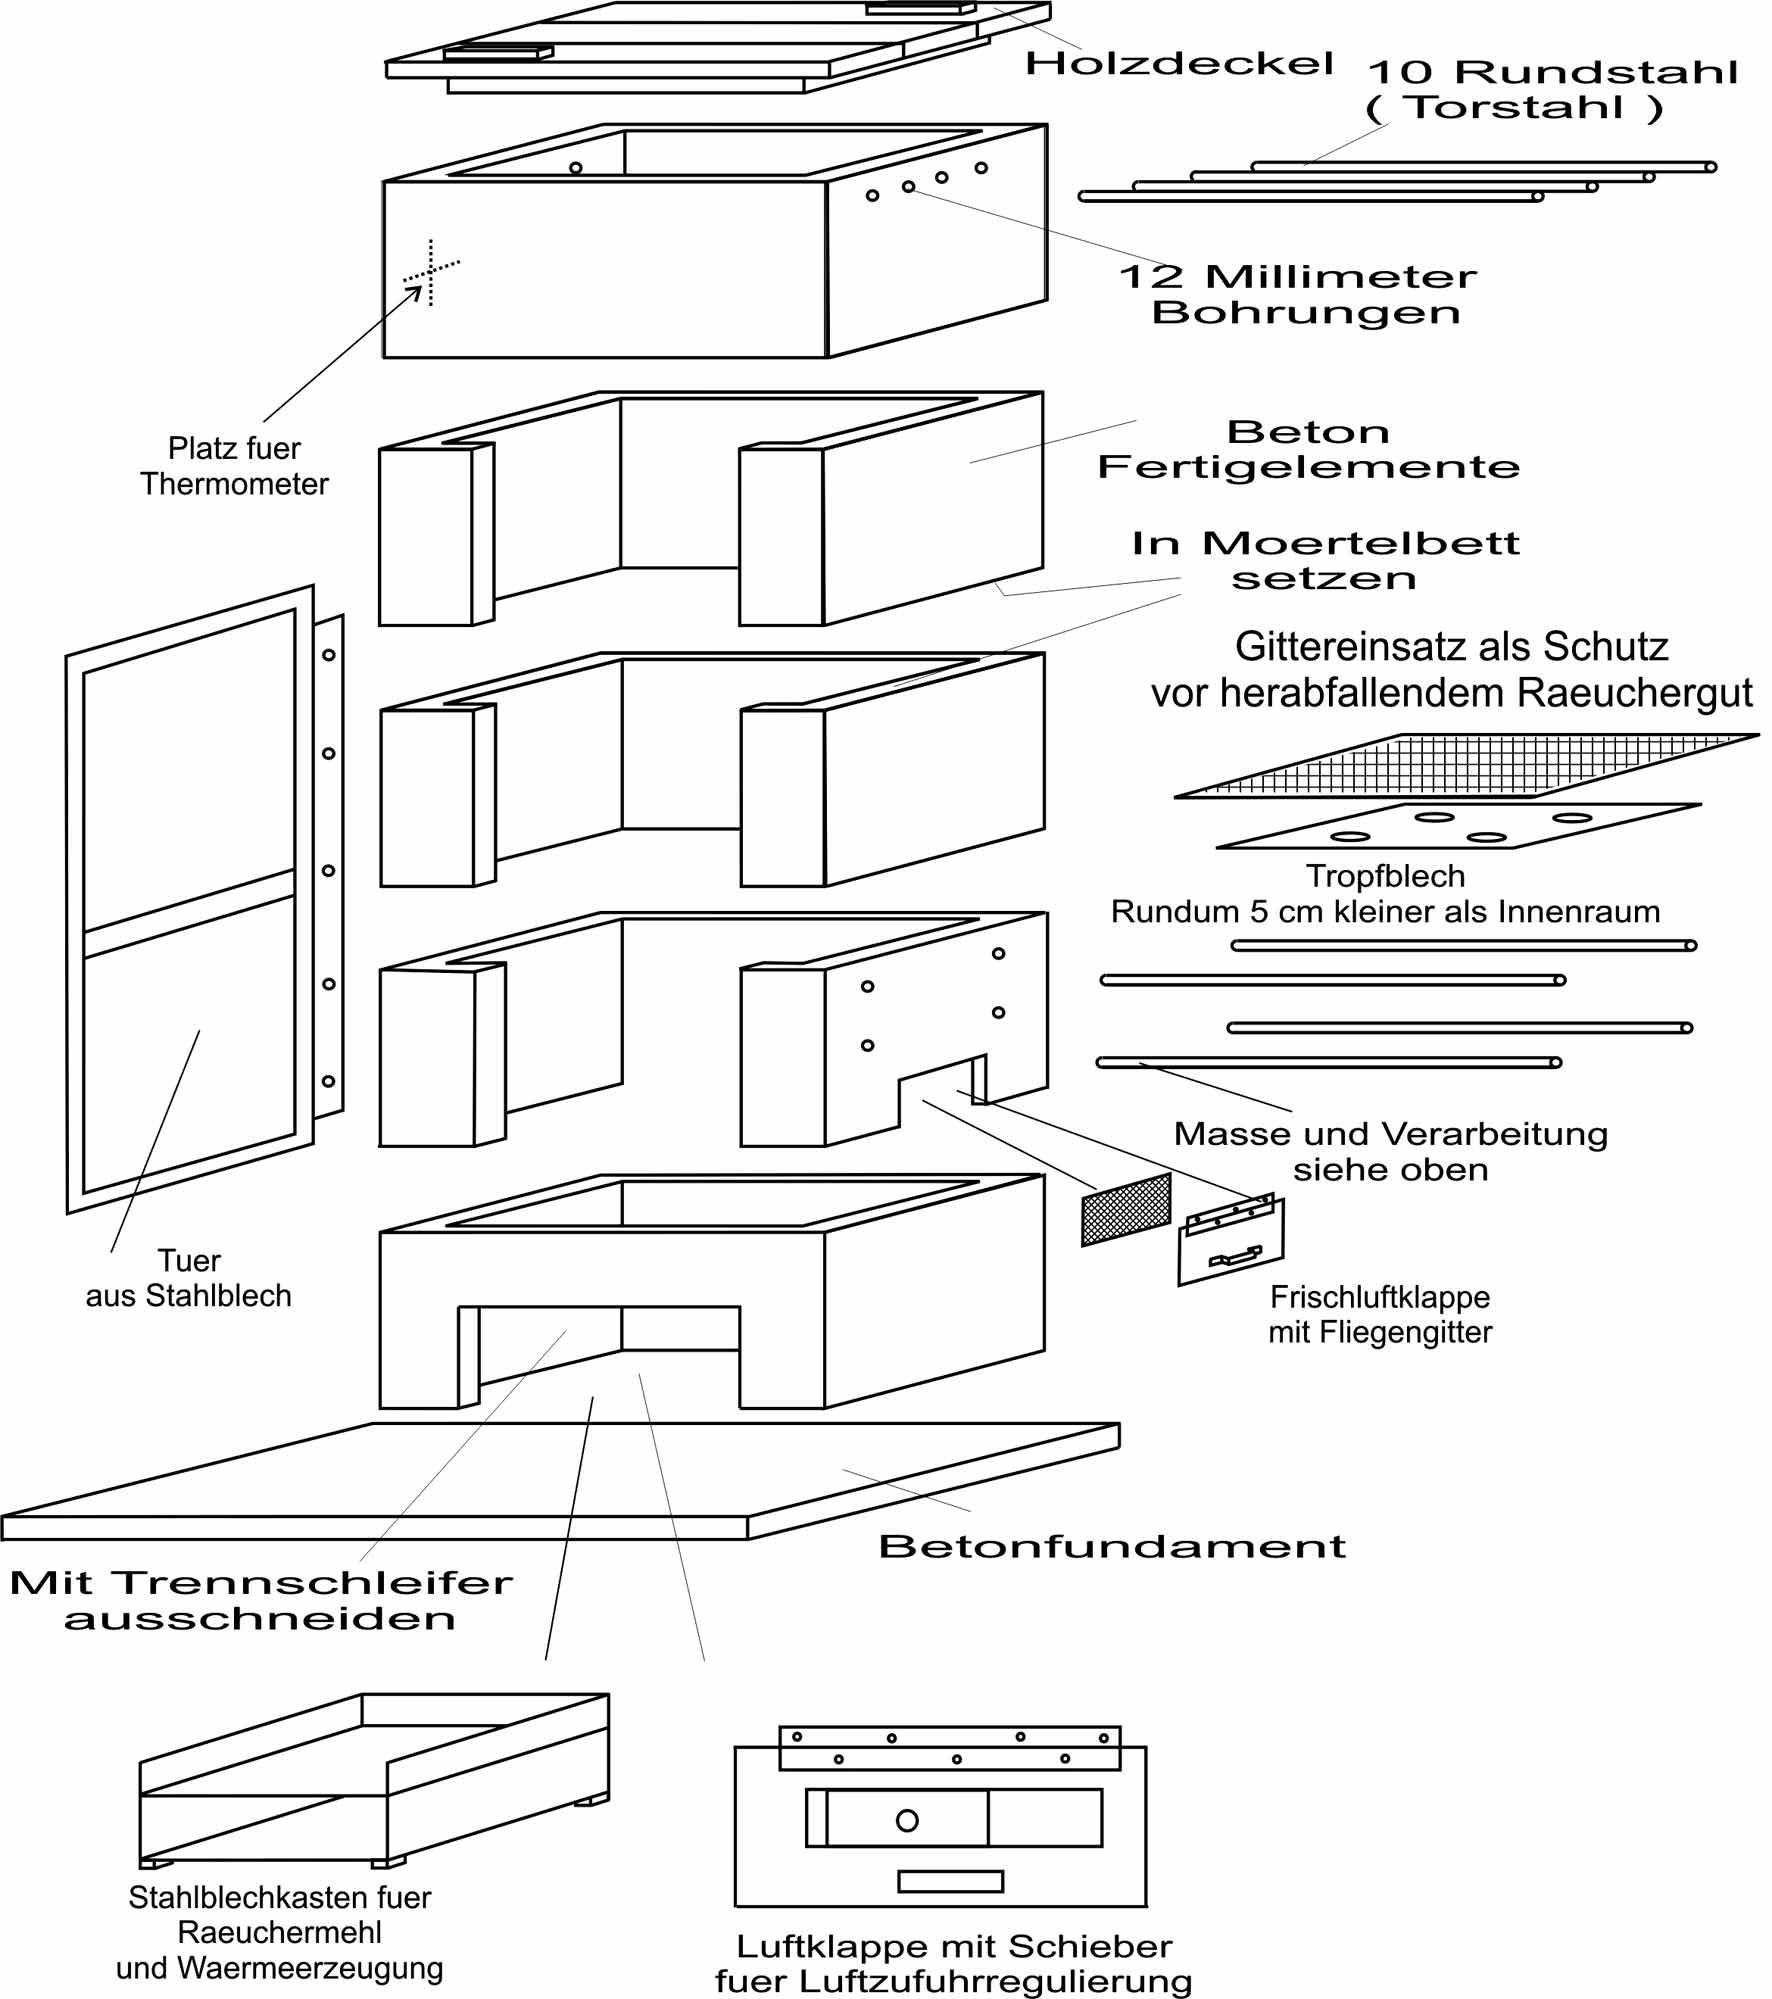 raeuchereinrichtung mit einfachen betonelementen aus dem. Black Bedroom Furniture Sets. Home Design Ideas